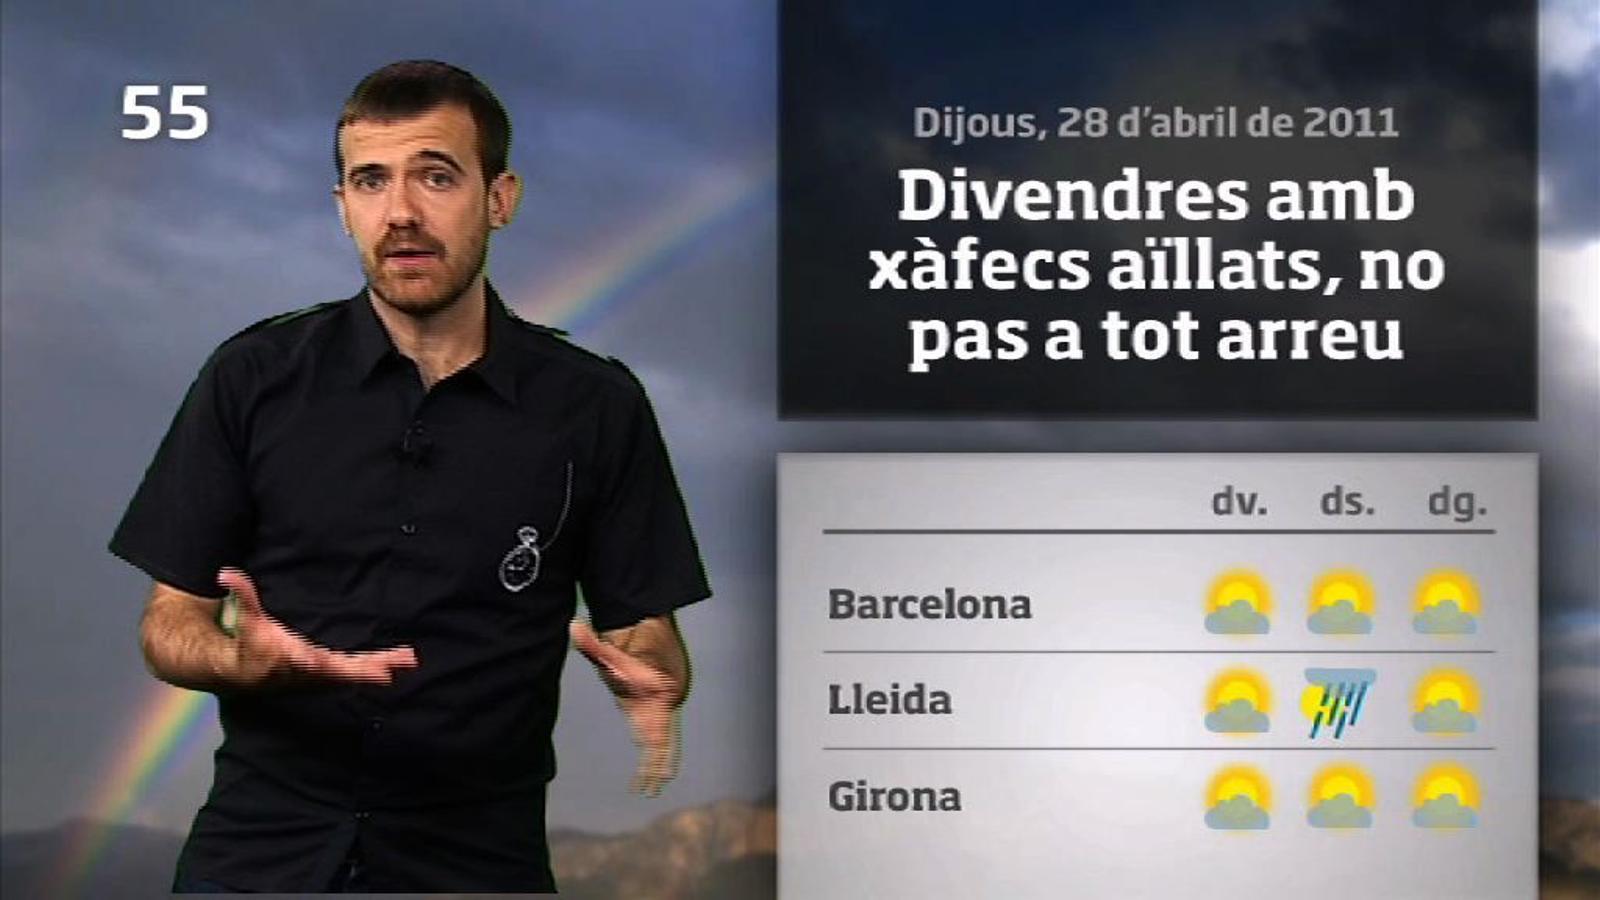 La méteo en 1 minut: cap de setmana variable però amb menys tempestes (28/04/2011)